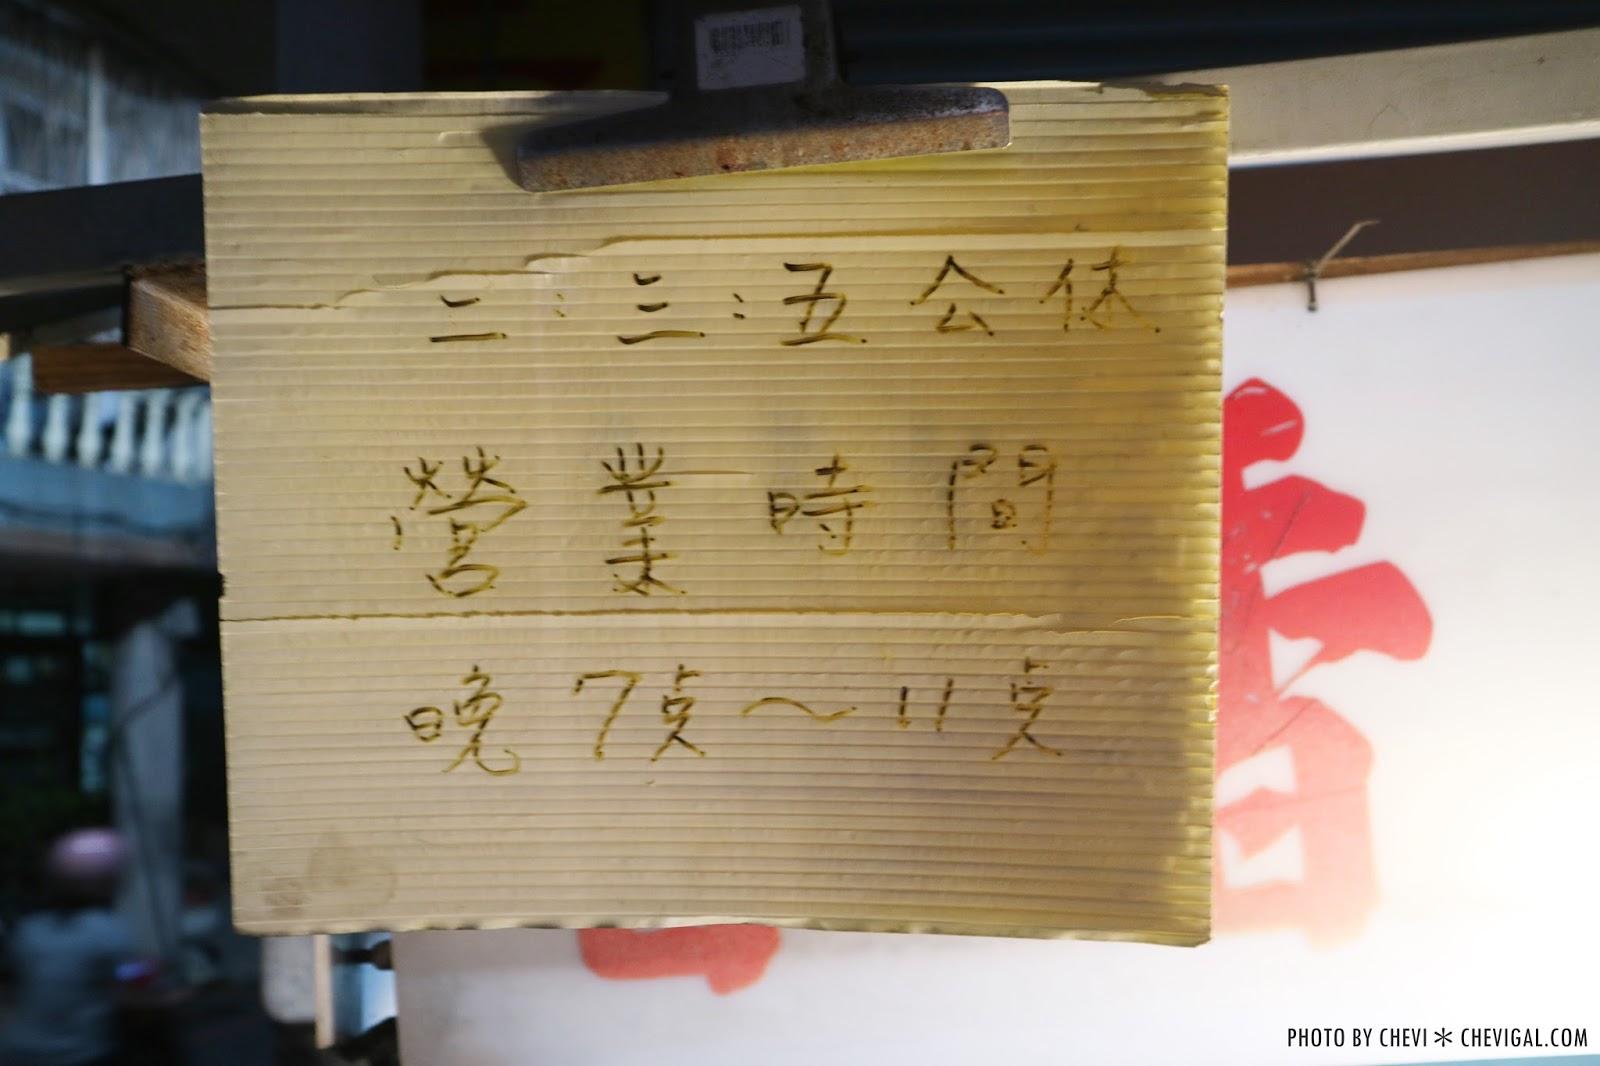 IMG 0509 - 台中烏日│香香鹽酥雞。飄香二十年的好滋味。一週只開四天別撲空囉